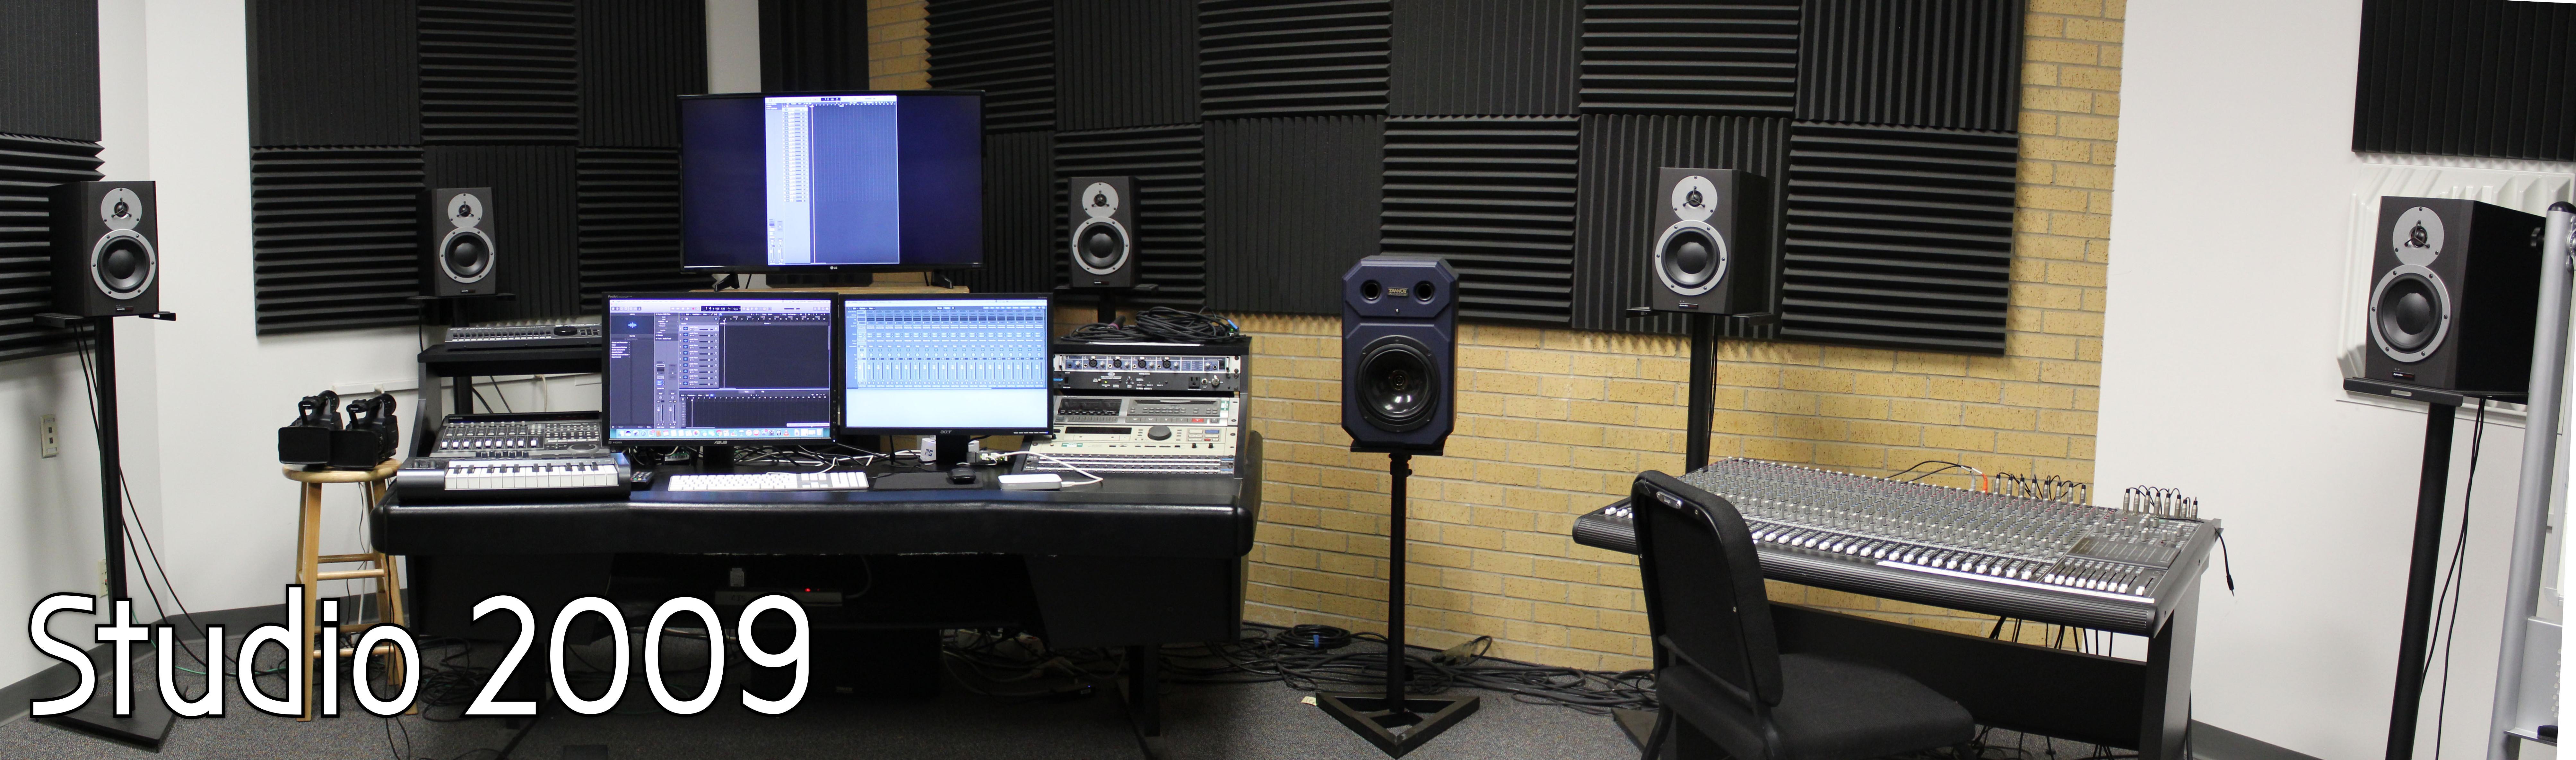 Panoramic Image of Studio 2009